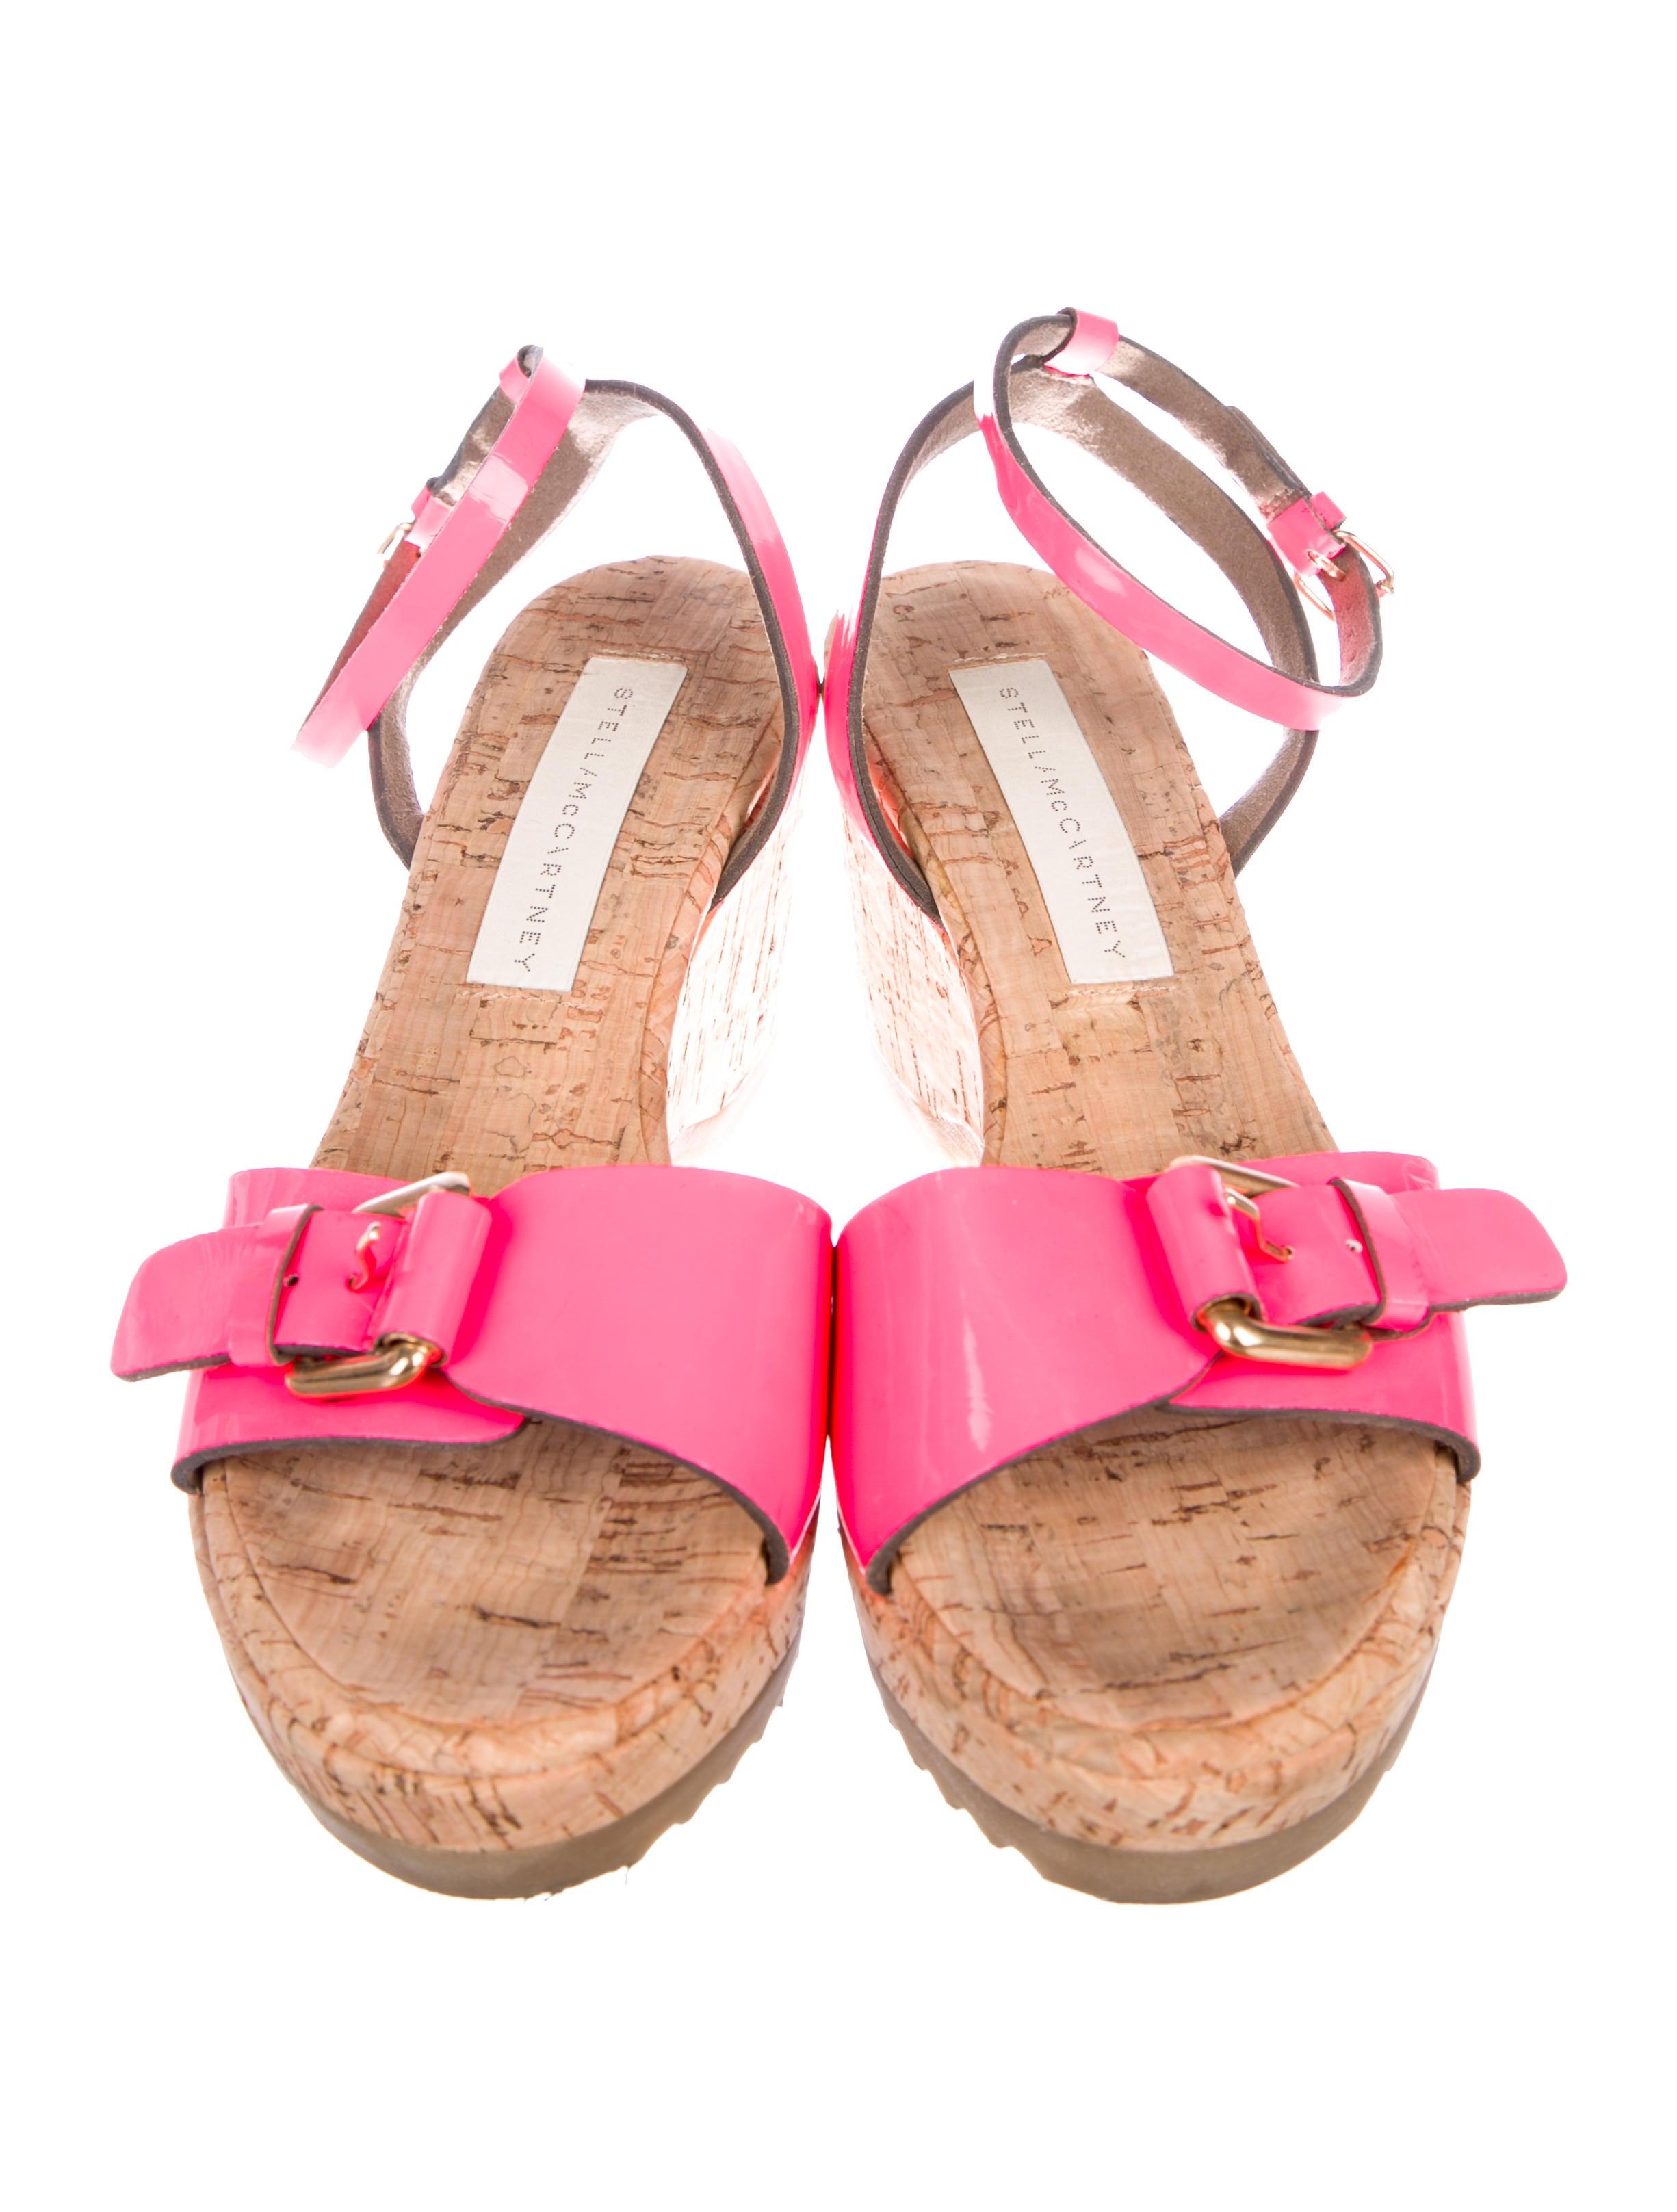 Stella McCartney Vegan Semi-Wedge Platform Sandals huge surprise cheap price t7YjROF